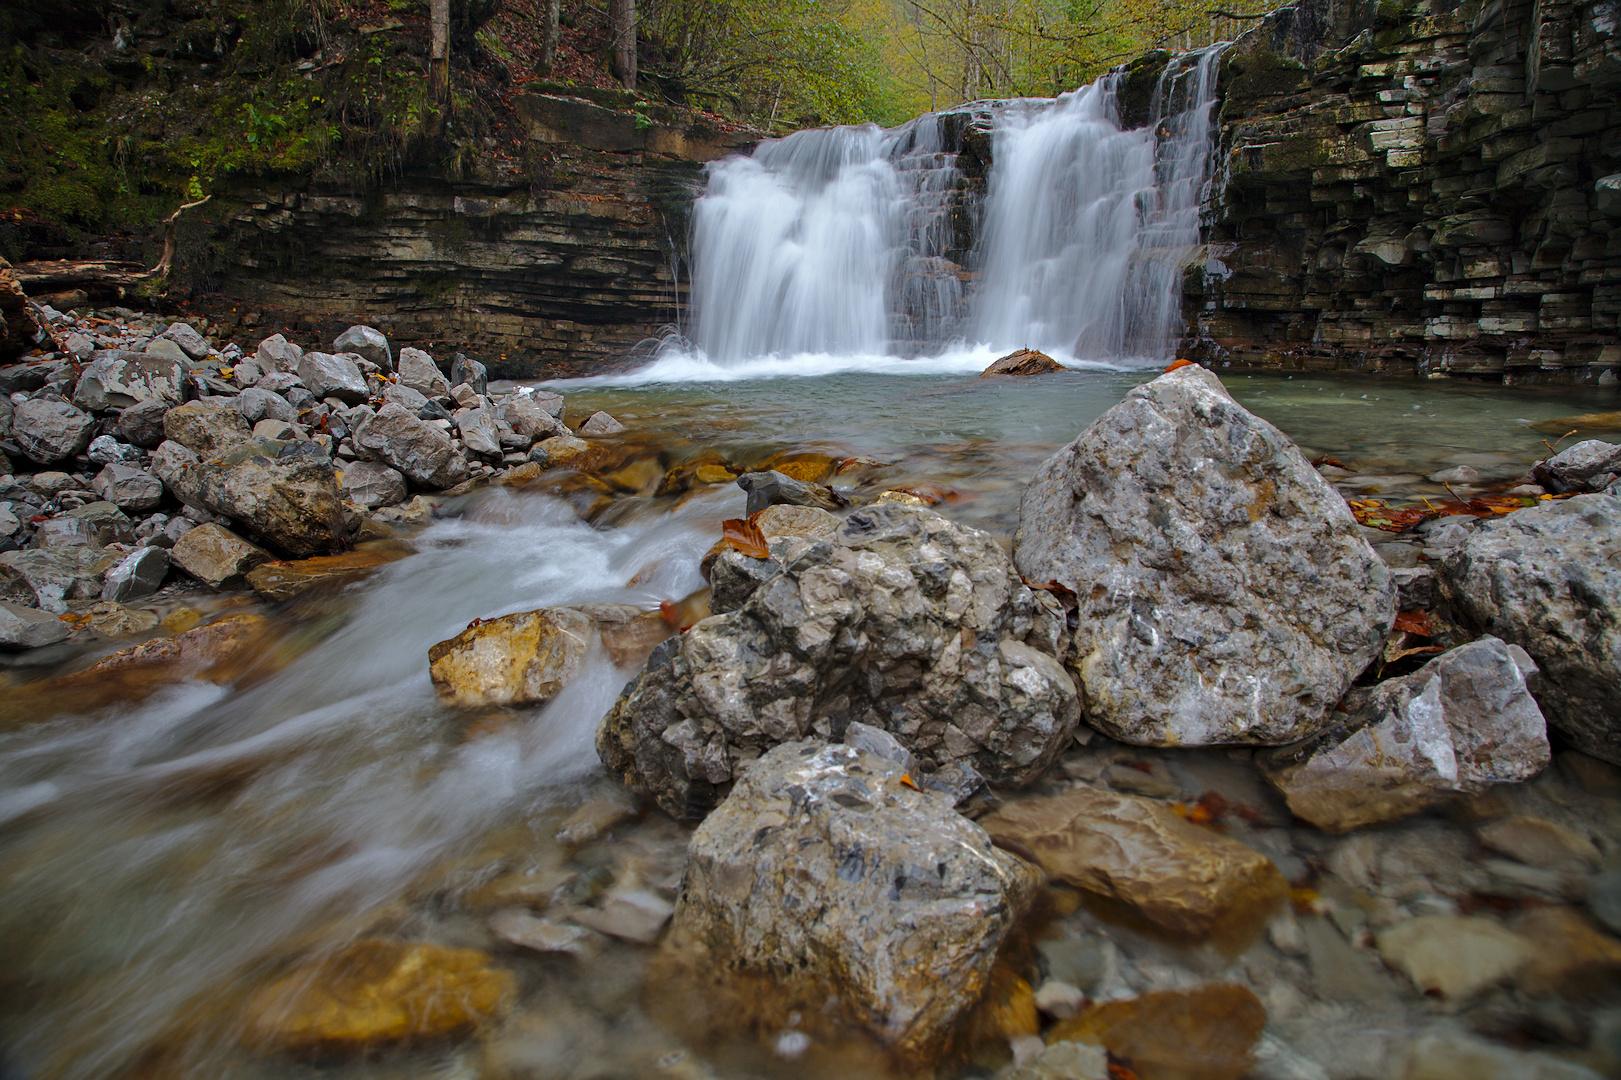 Taugl Waterfall, Austria